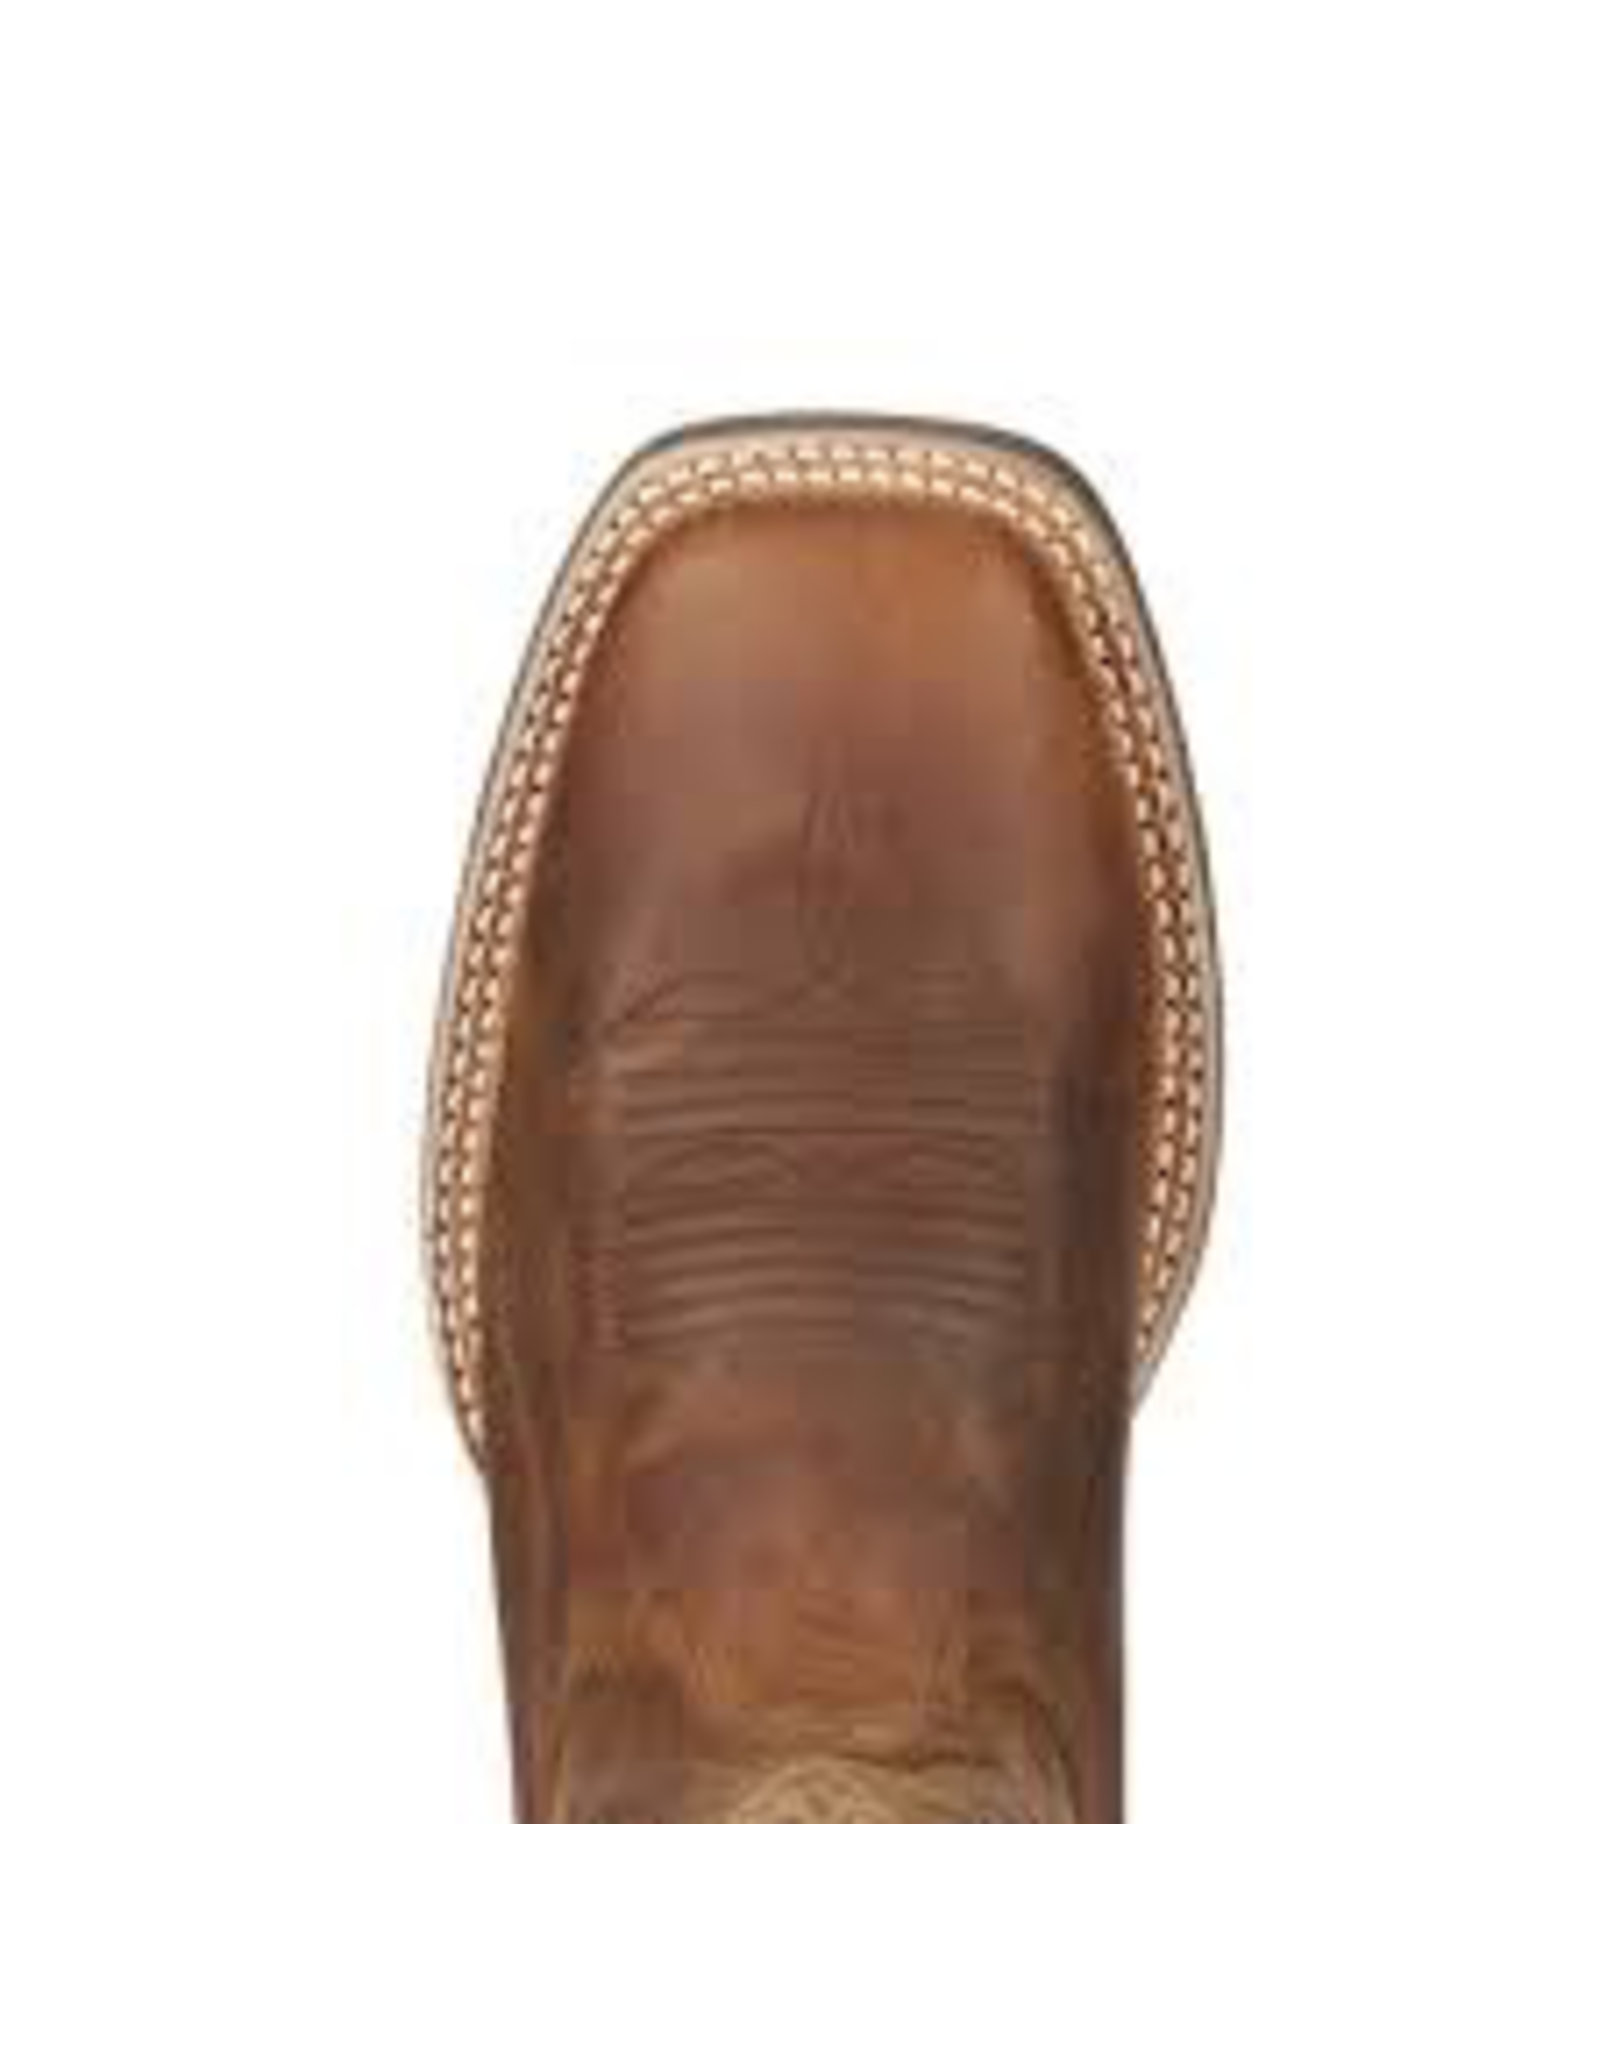 Boots-Men ARIAT 10021674 Top Hand